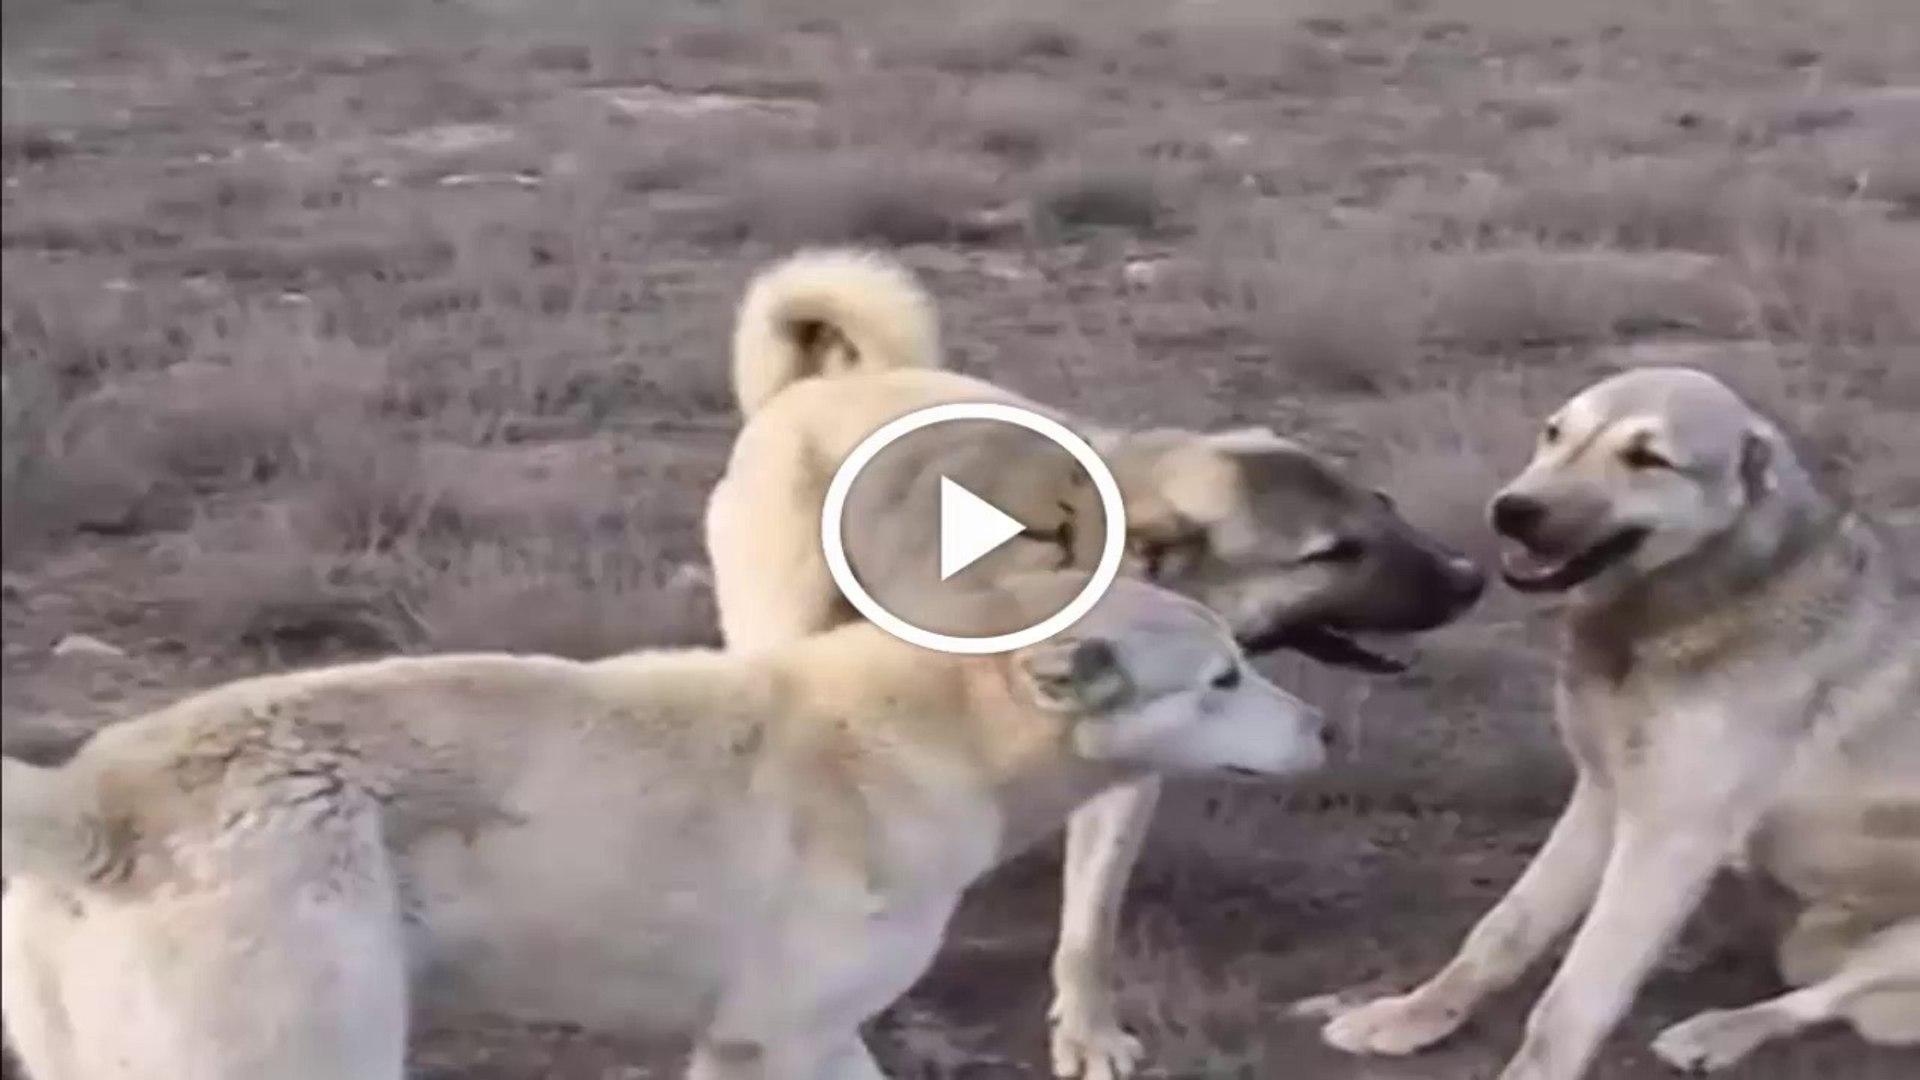 KOYUN NOBETiNDE HAZIR BEKLEYEN ANADOLU COBAN KOPEKLERi - ANATOLiAN SHEPHERD DOGS